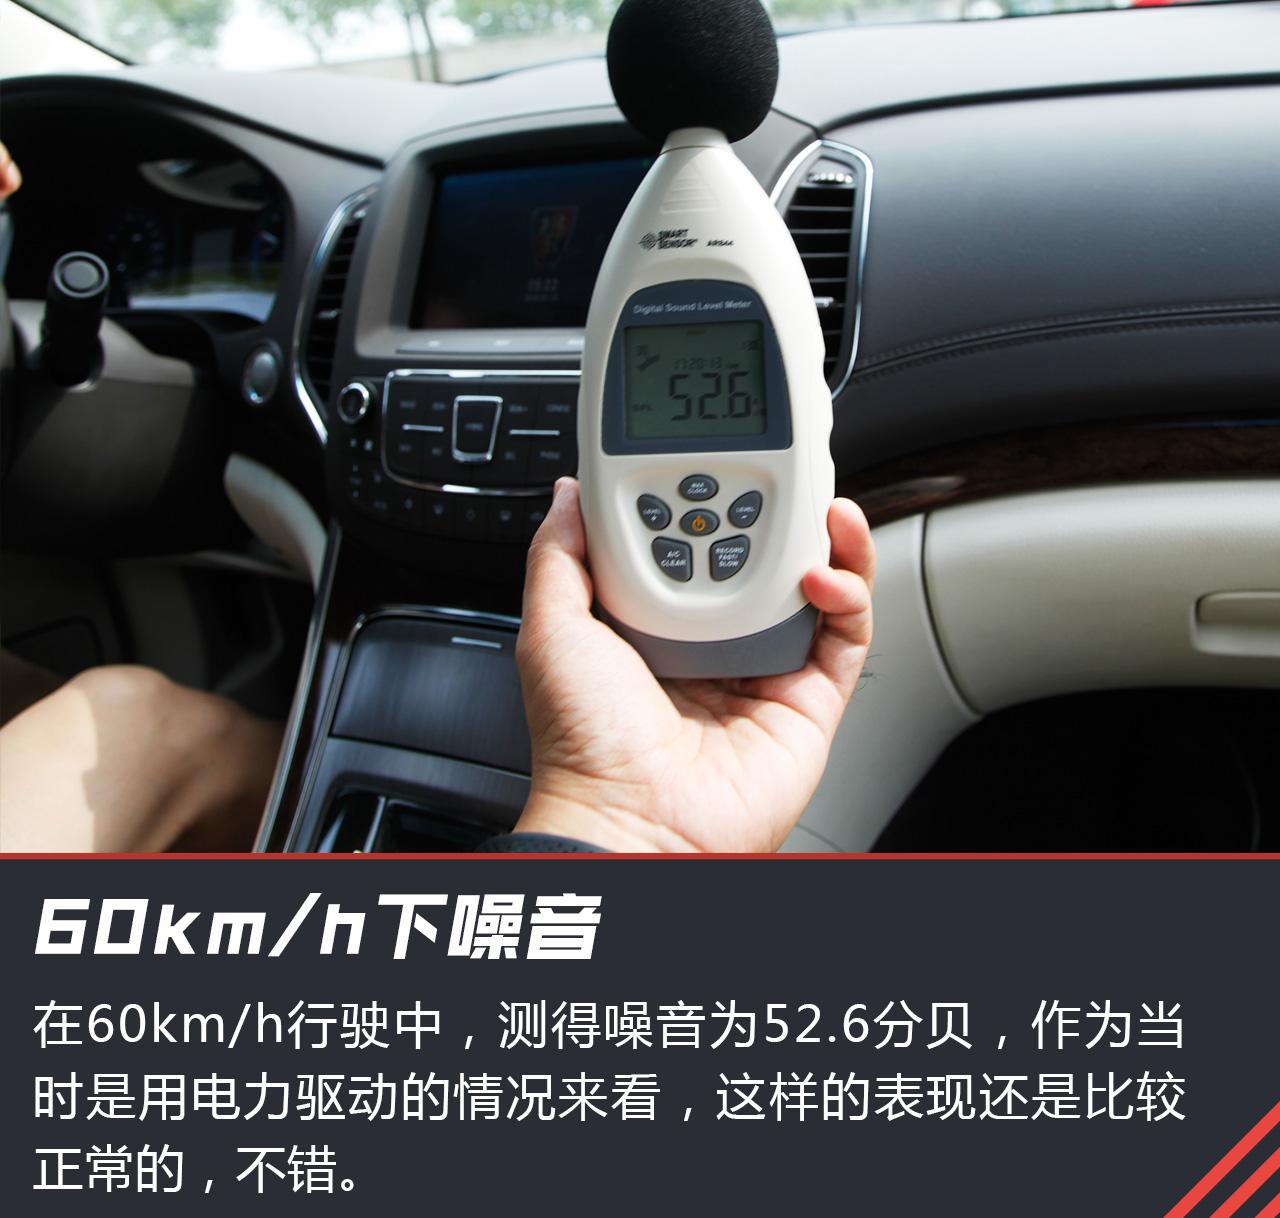 荣威e950试驾